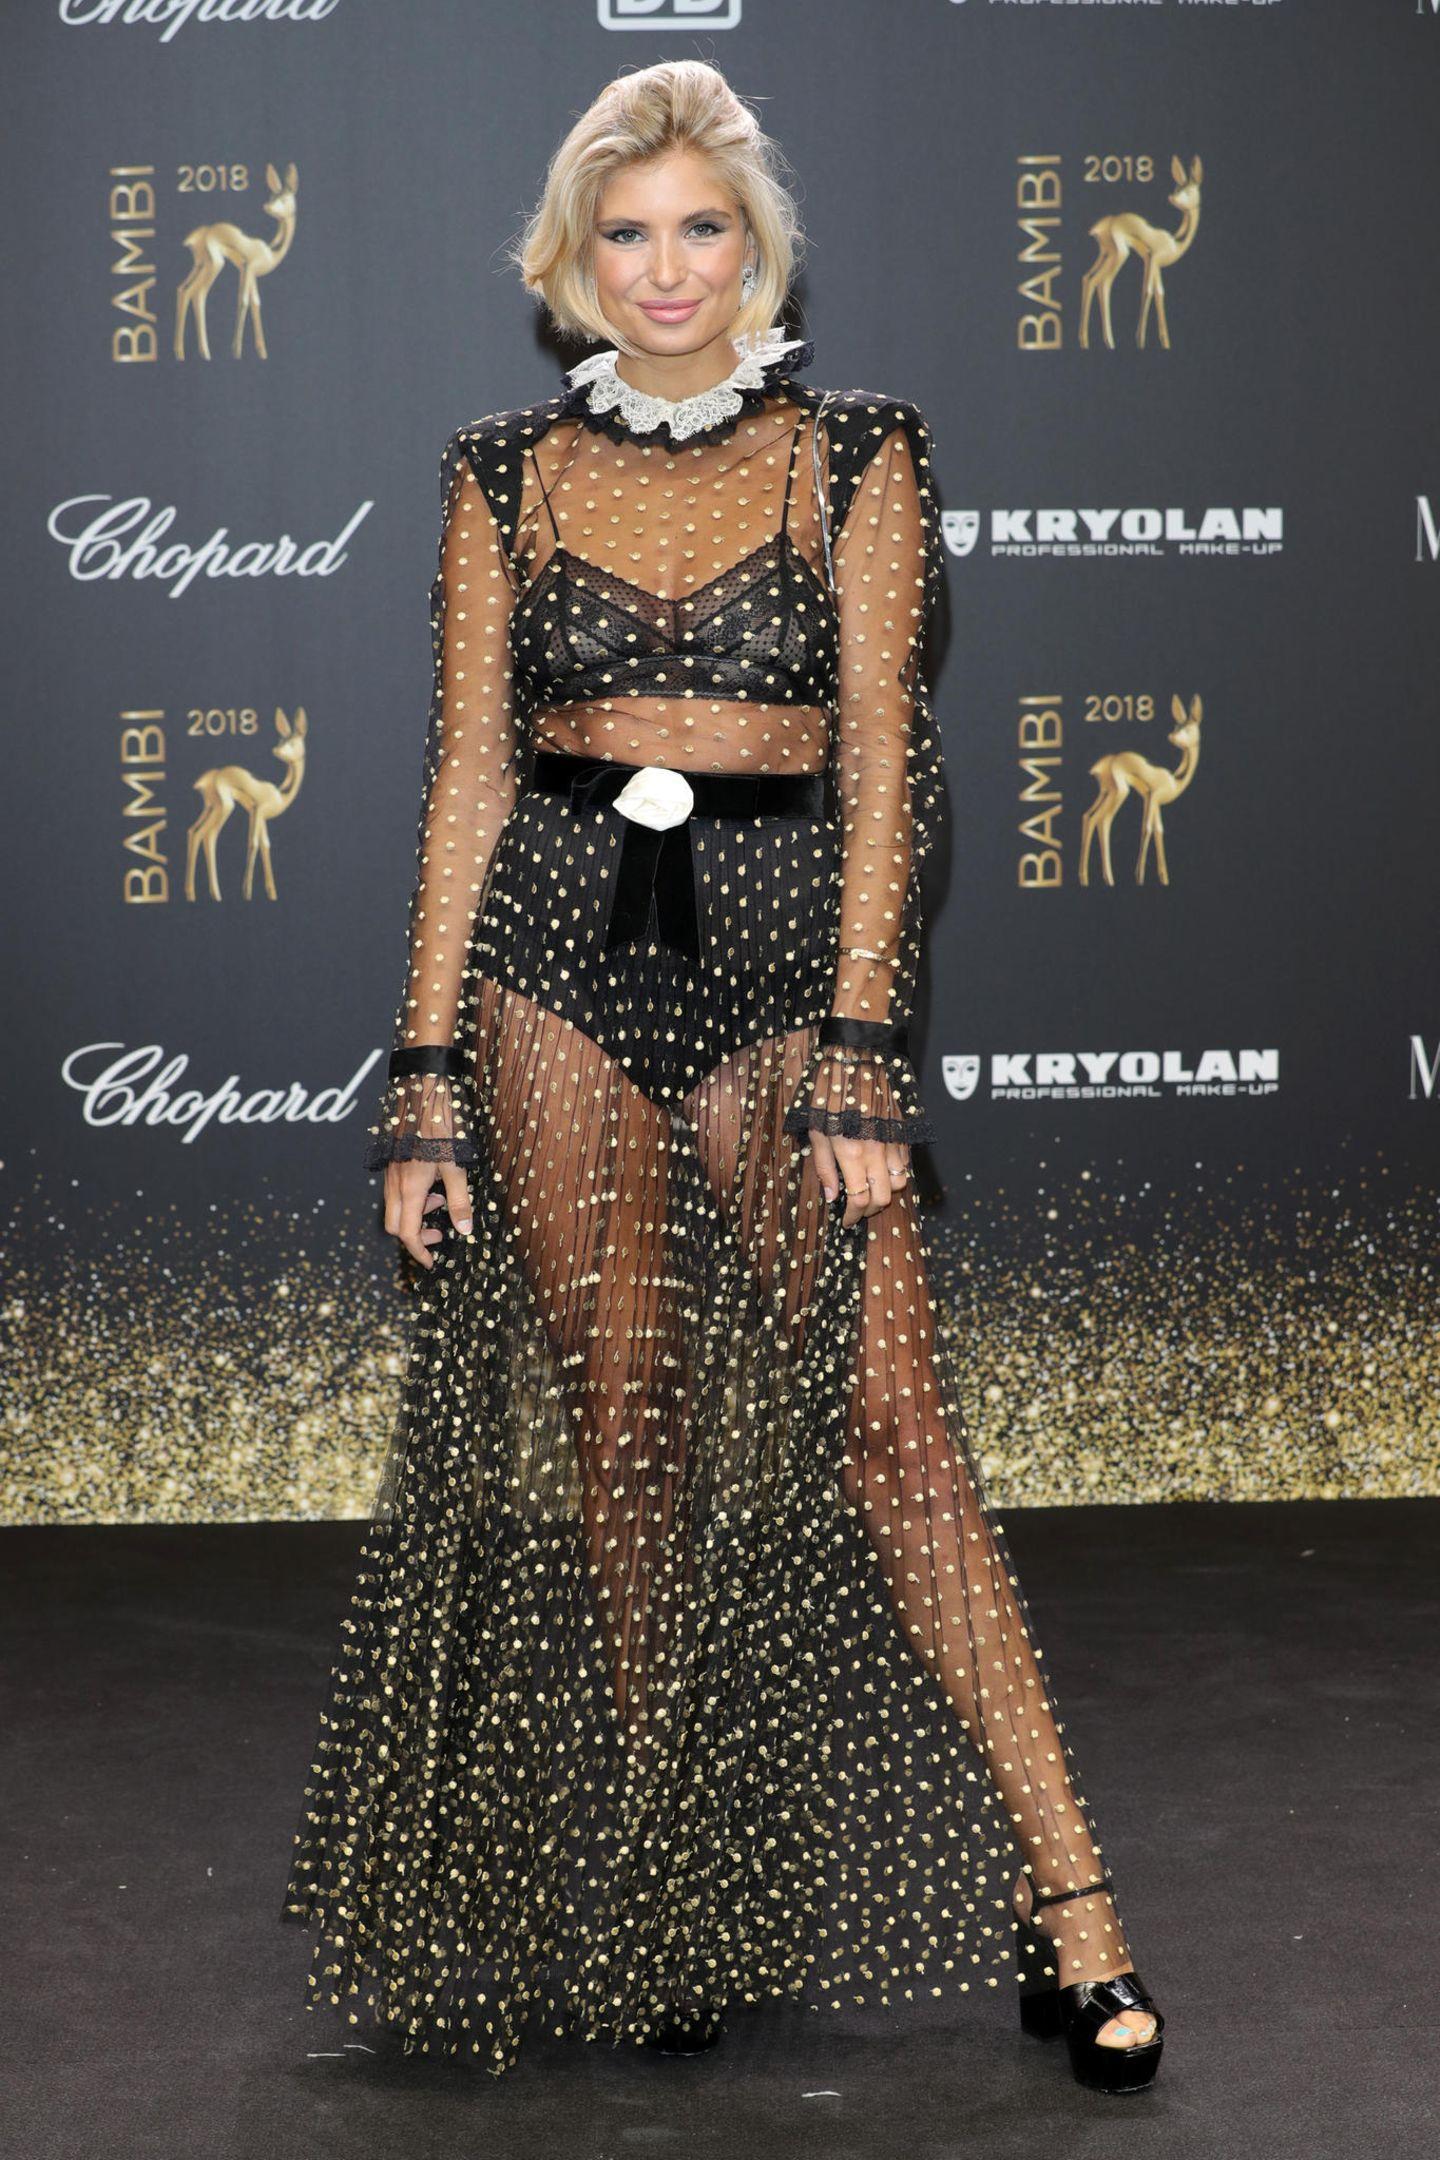 Verspielt und gleichzeitig sexy ist der Look von Xenia Adonts: Ihr Kleidist zwar transparent, wirkt durch den süßen Kragen und den samtigen Gürtel jedoch relativ mädchenhaft.